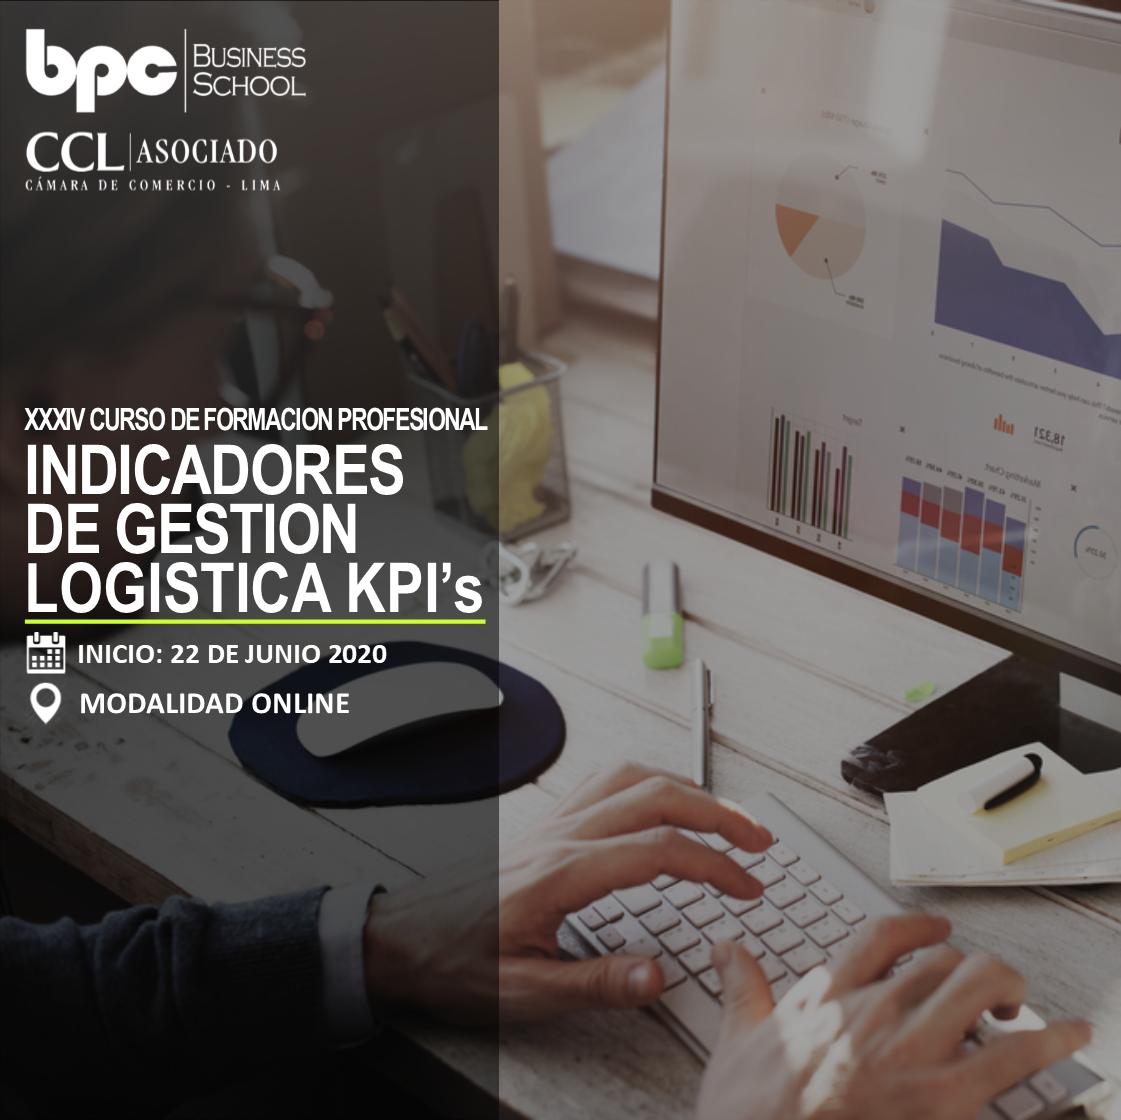 XXXIV Curso de Indicadores de Gestión Logística KPI's